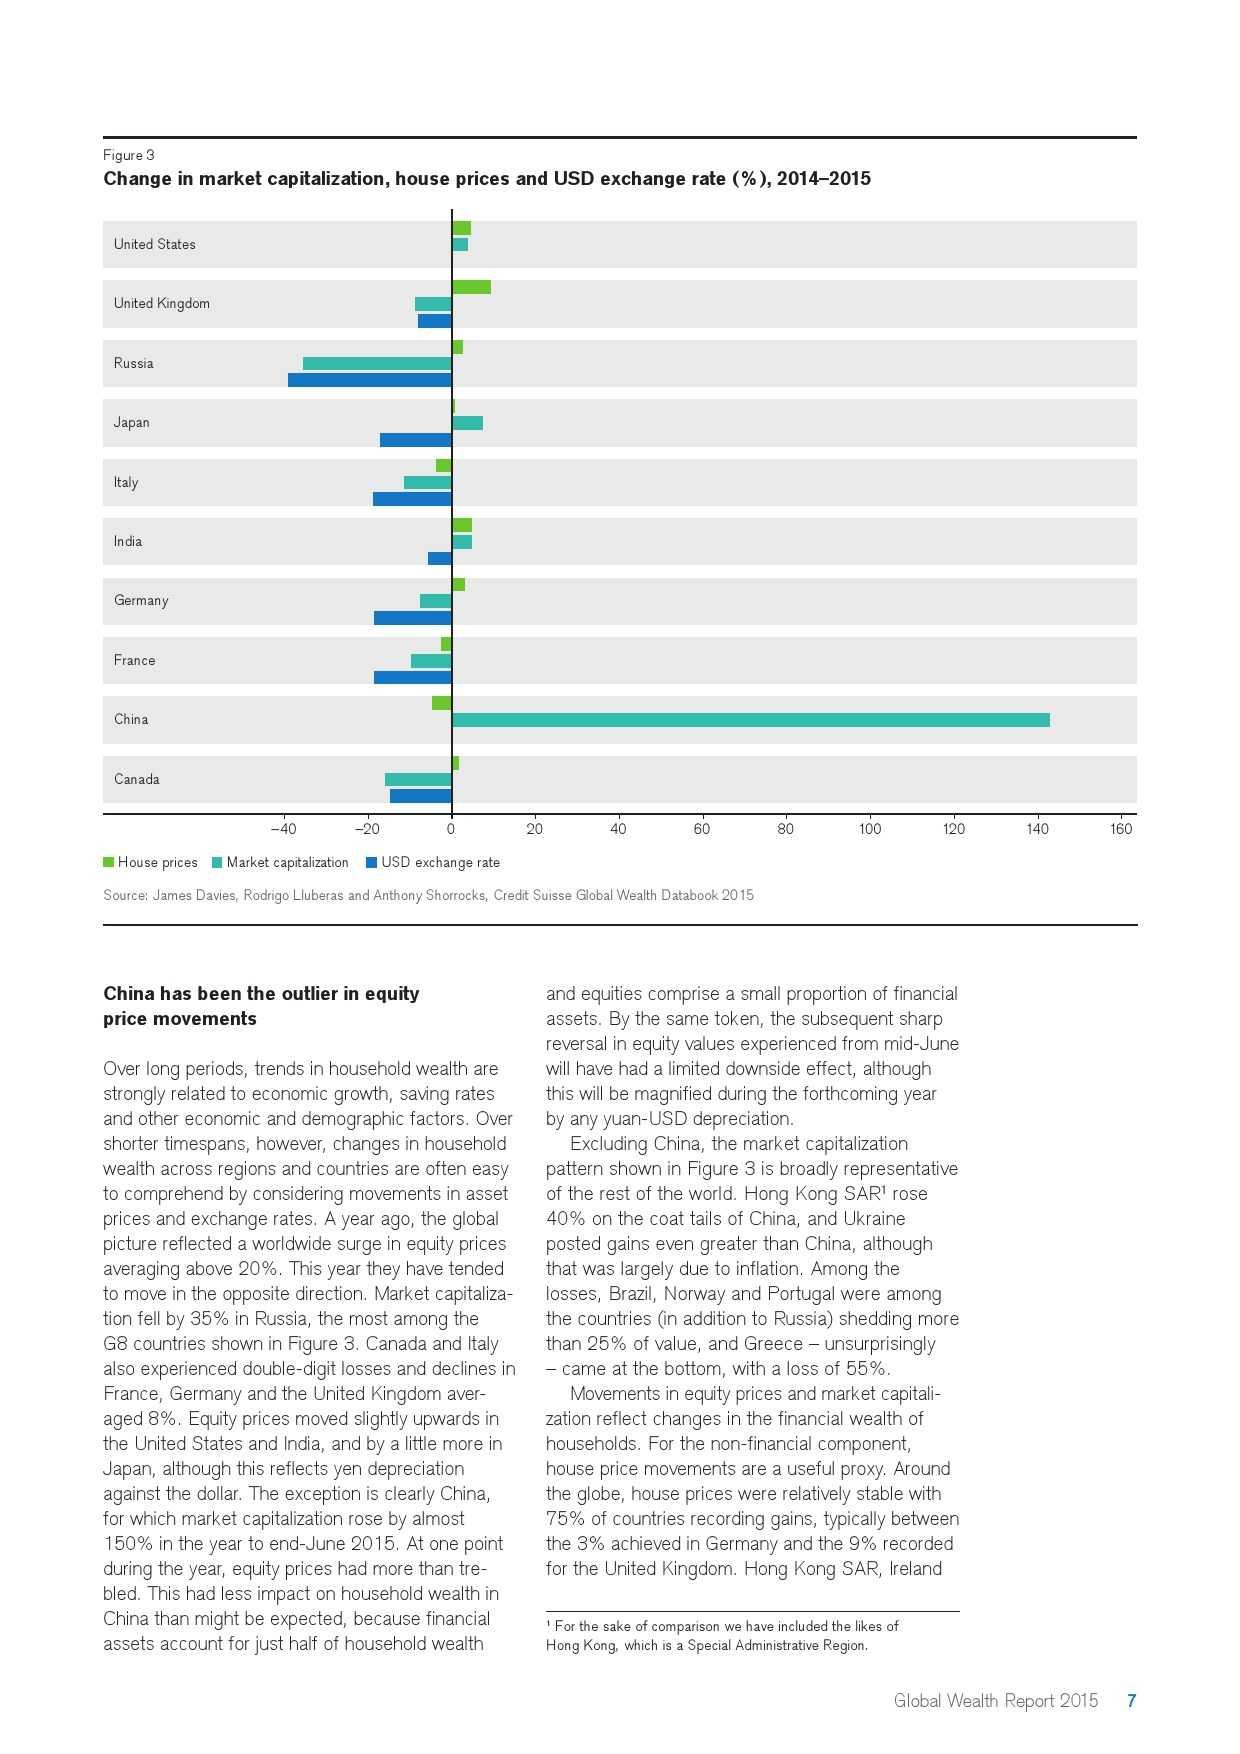 瑞士信贷:2015年全球财富报告_000007